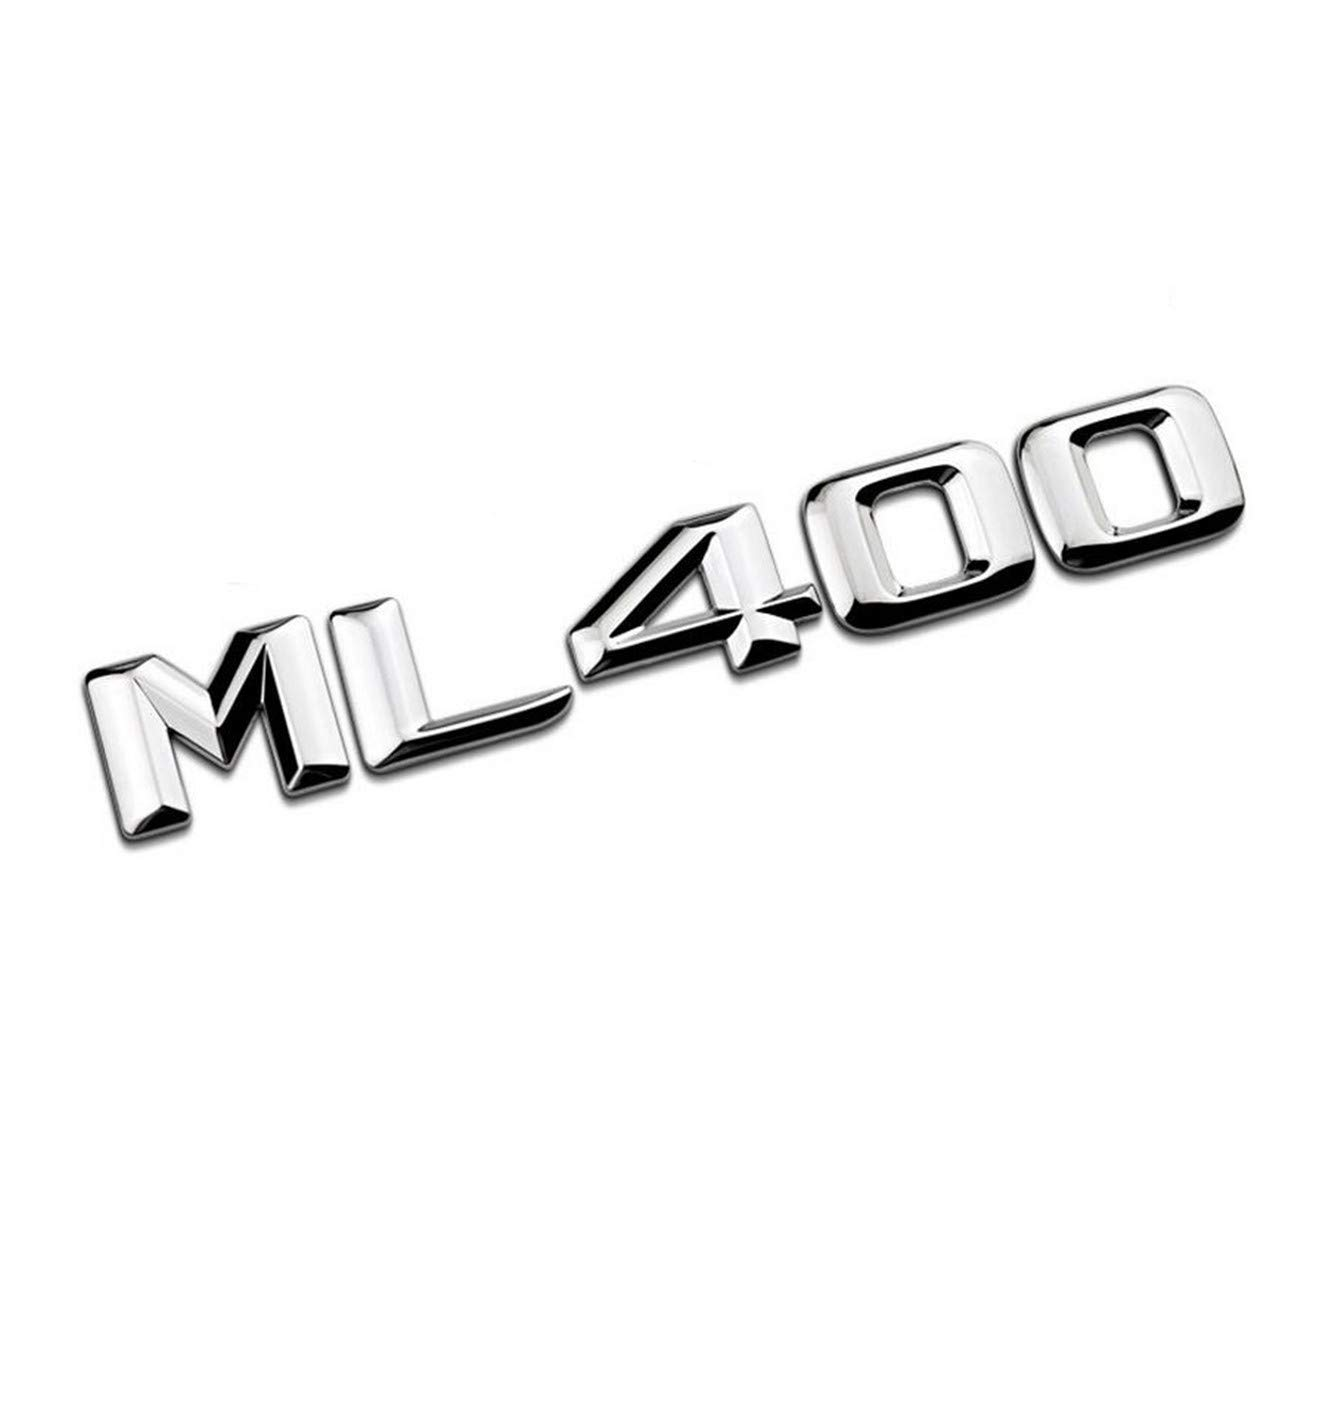 ML400 cvnbdfgjhdfjh Chrome Brillant Argent ML 400 Coffre de Voiture arri/ère Lettres Mot Badge embl/ème Lettre Autocollant Autocollant ML400